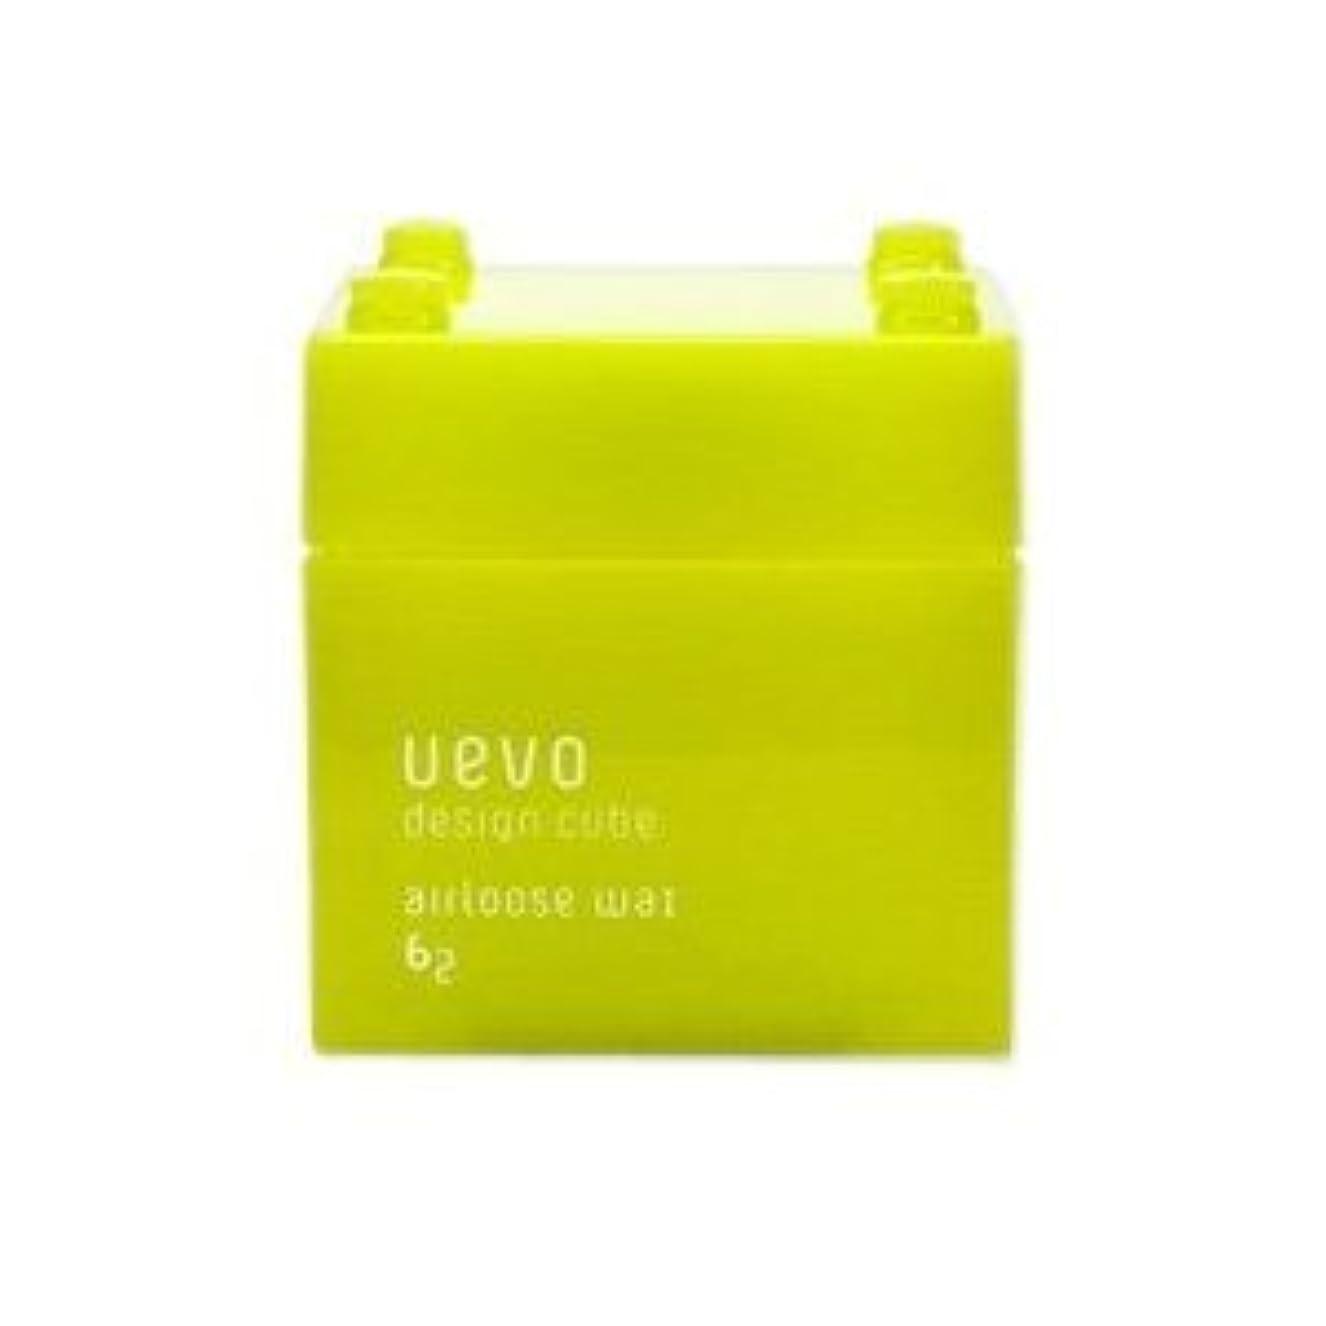 樹皮永続終わり【X3個セット】 デミ ウェーボ デザインキューブ エアルーズワックス 80g airloose wax DEMI uevo design cube